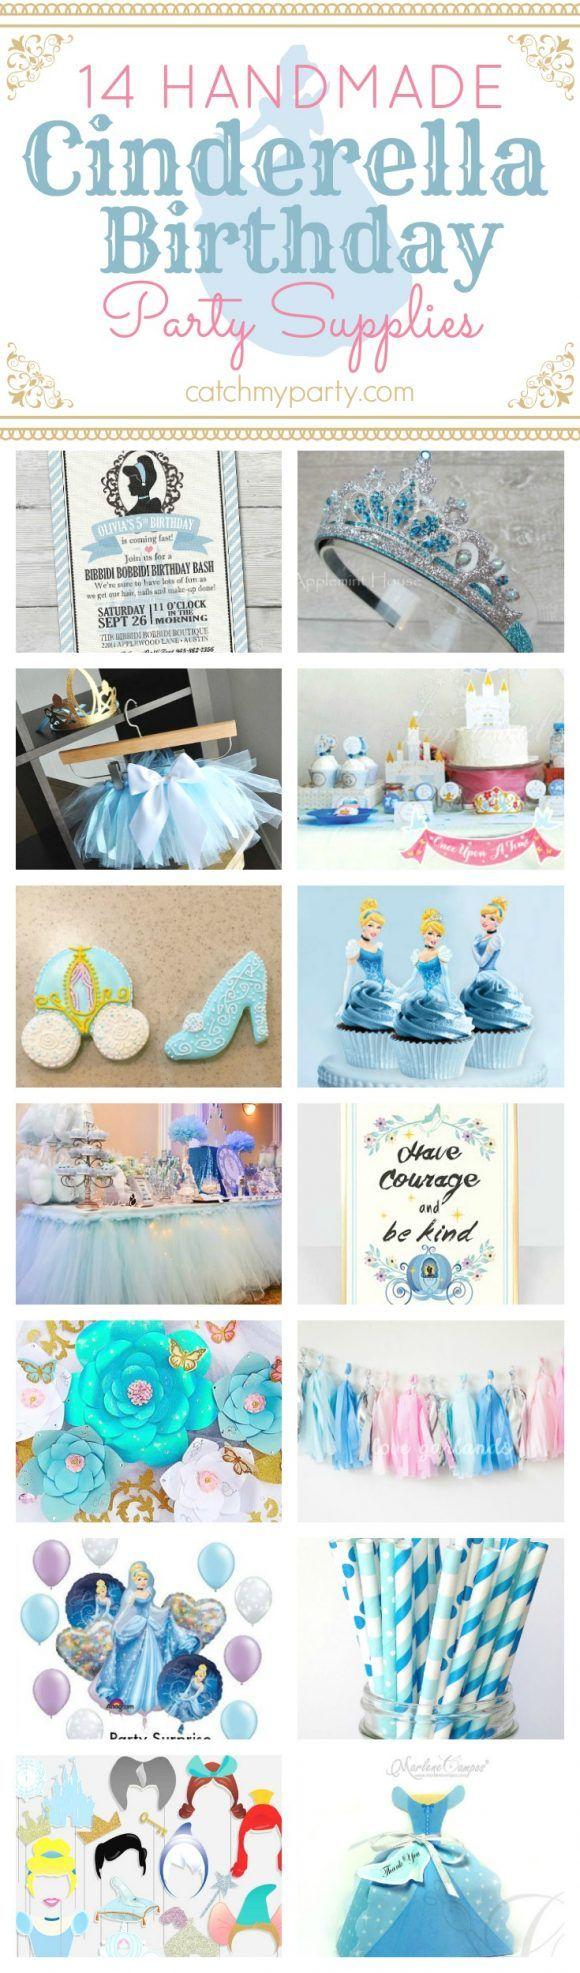 25+ best Cinderella party supplies ideas on Pinterest | Cinderella ...